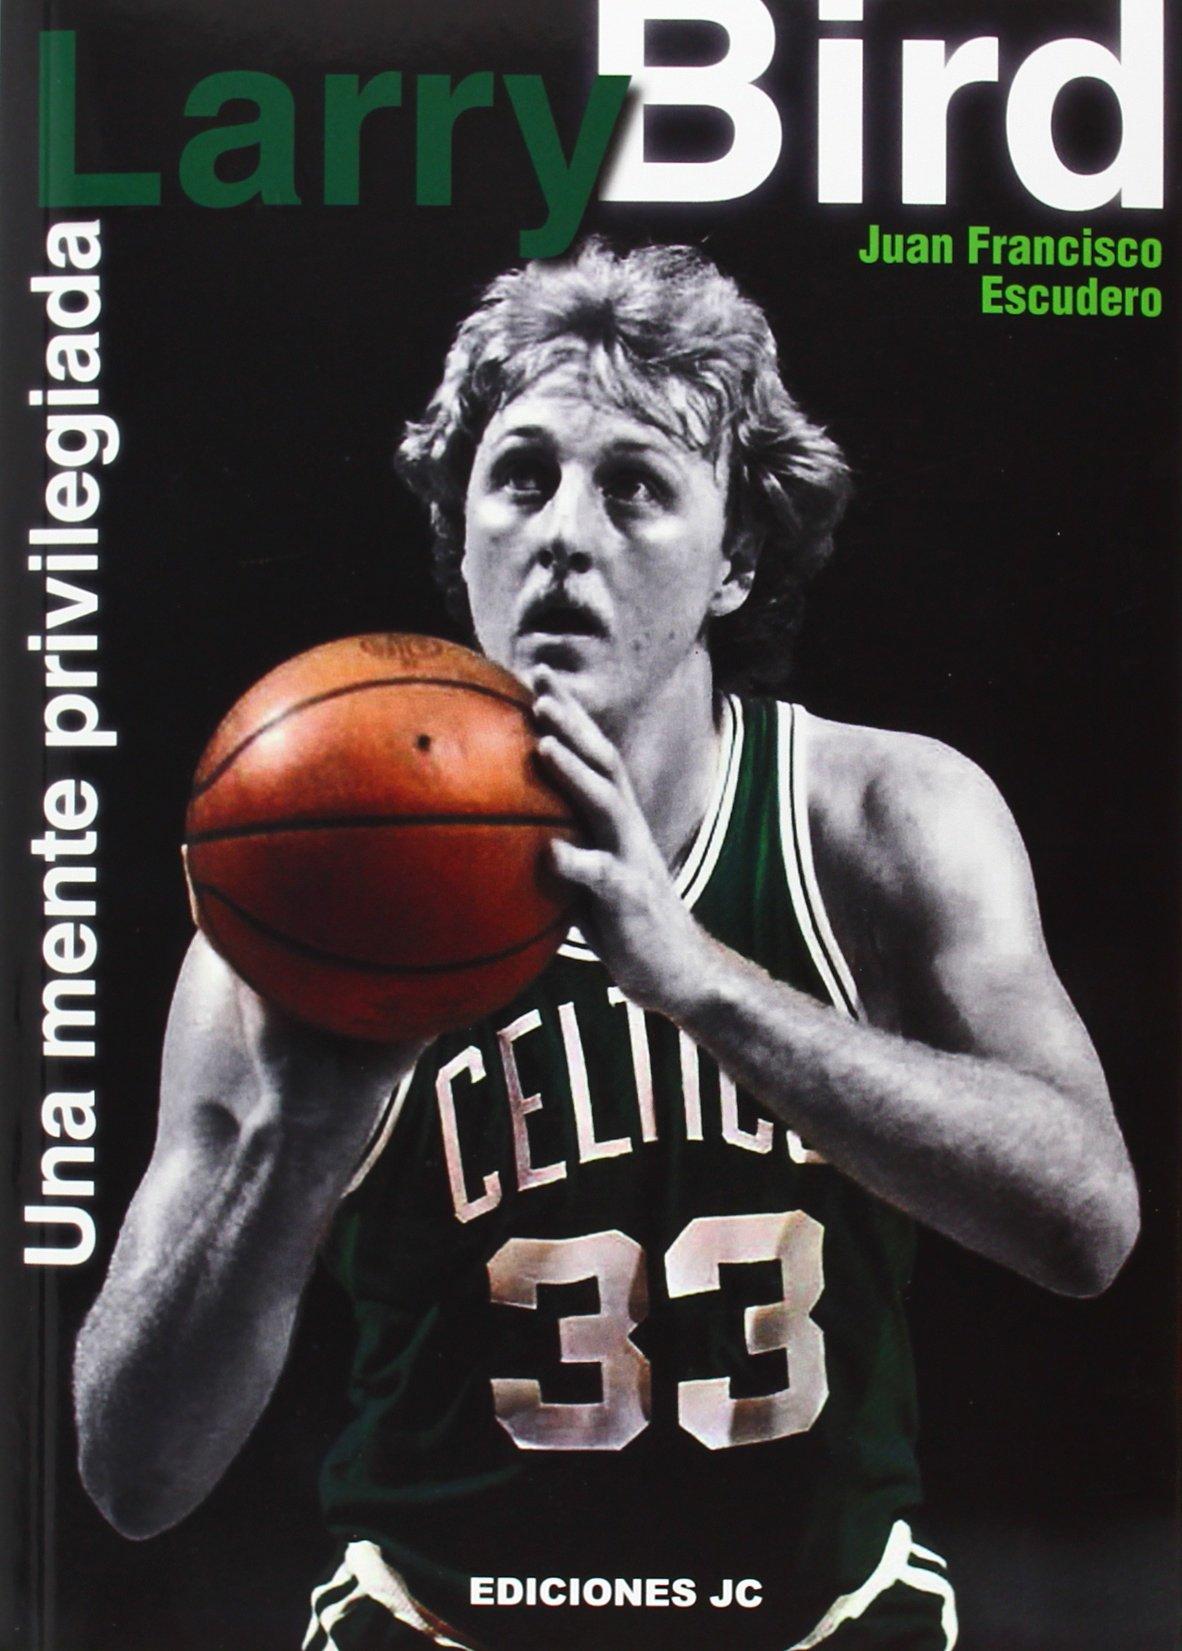 Larry Bird. Una mente privilegiada (Baloncesto para leer) Tapa blanda – 10 abr 2014 Antonio Sánchez Valero Ediciones JC 8495121530 Basketball